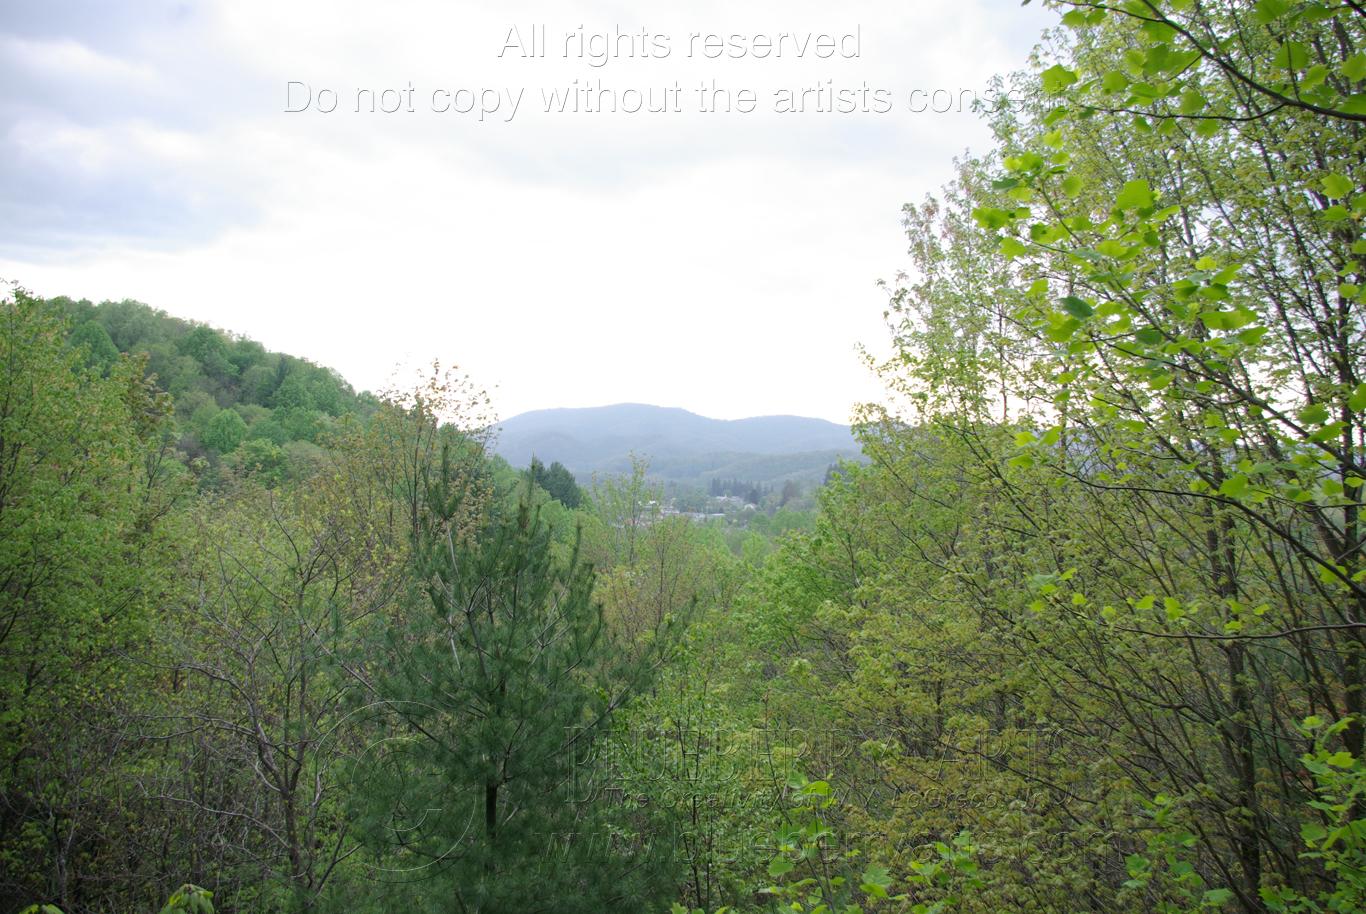 Mann's View